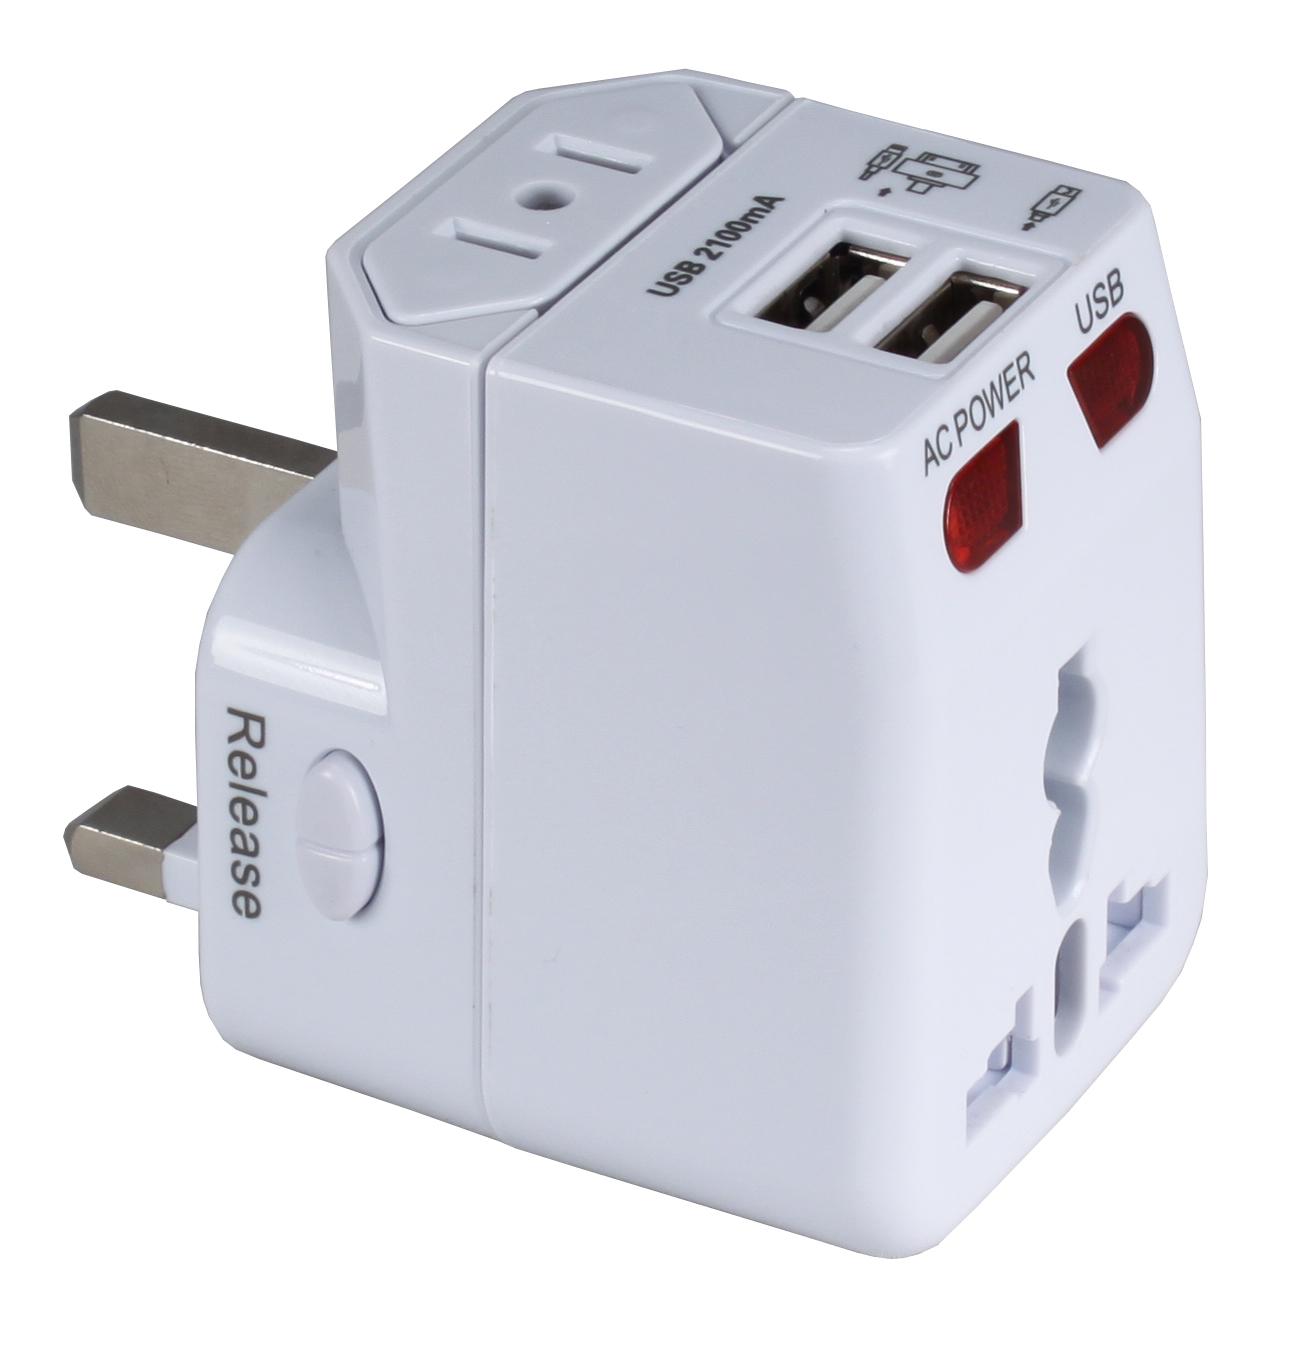 Pa C4 Premium World Travel Power Adaptor With Surge